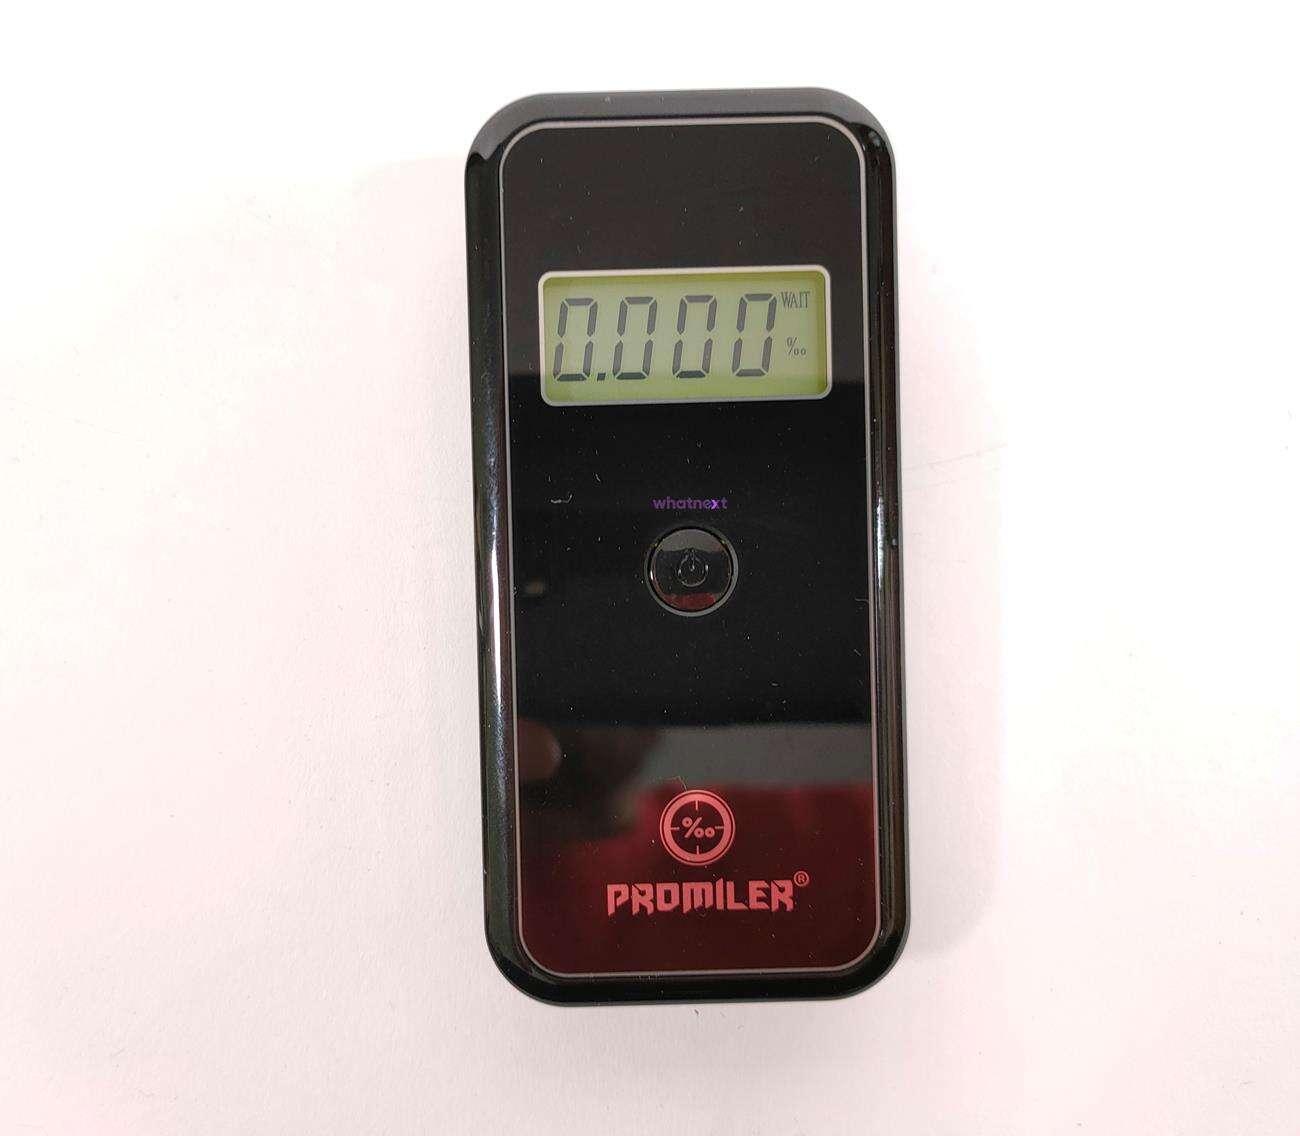 test Promiler AL 9000 Lite, recenzja Promiler AL 9000 Lite, review Promiler AL 9000 Lite, opinia Promiler AL 9000 Lite